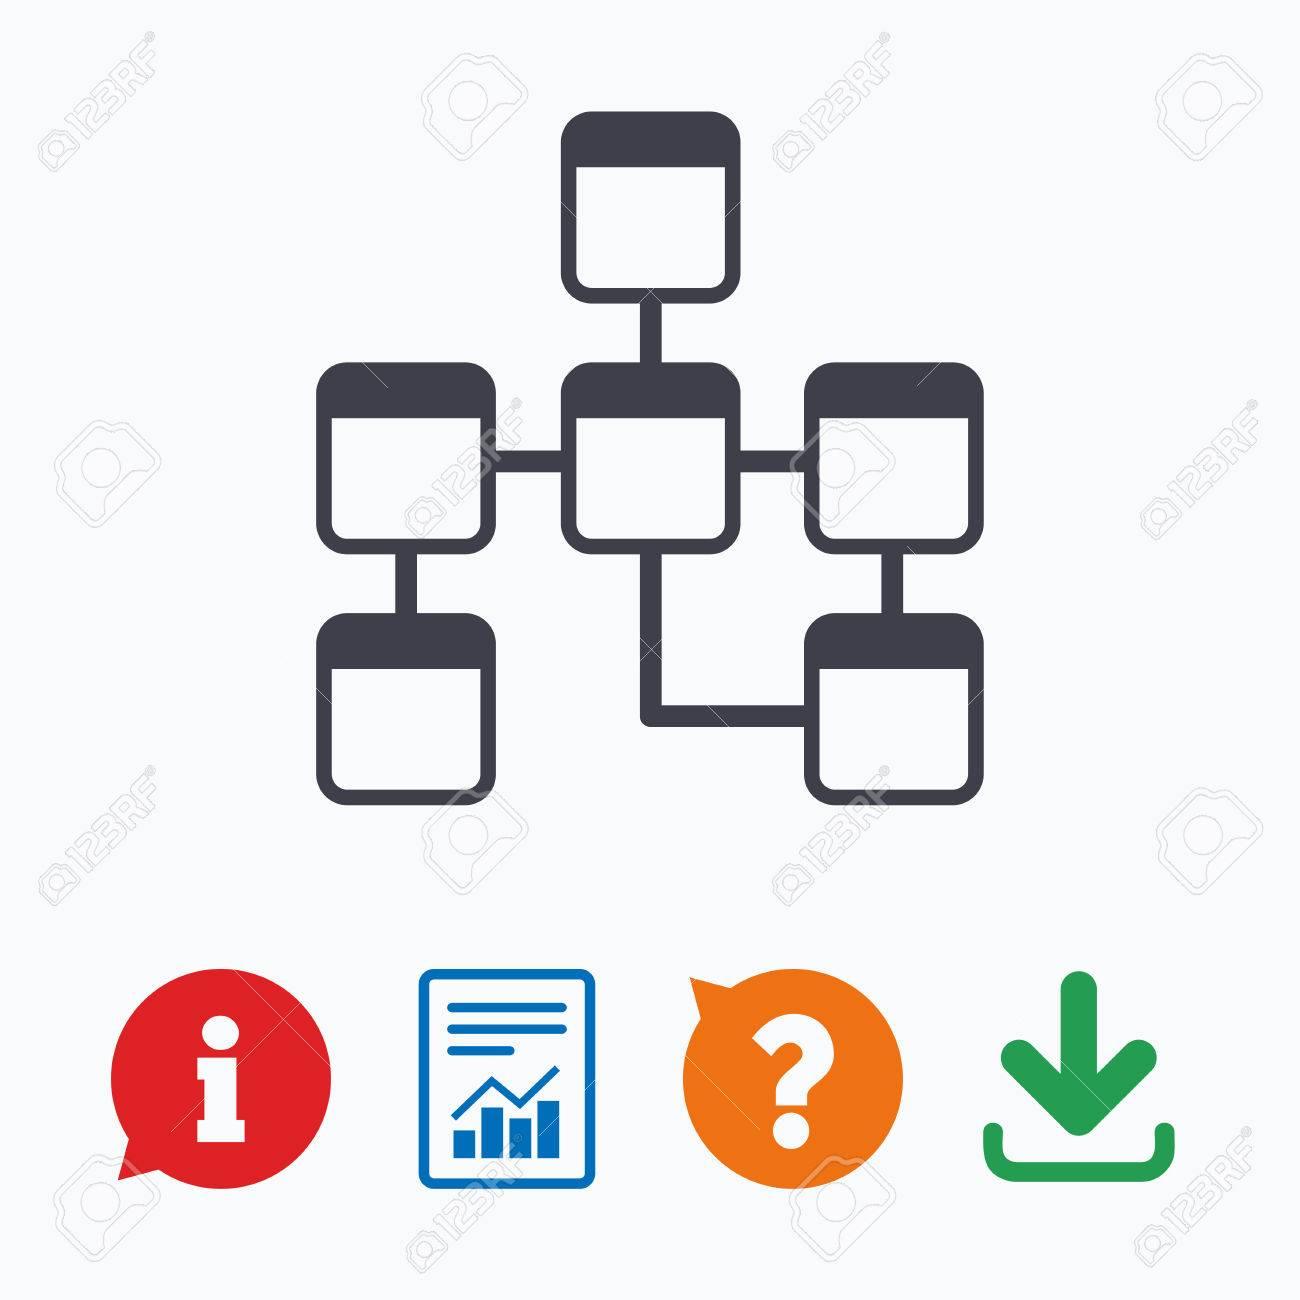 Database Sign Icon. Relational Database Schema Symbol. Information.. with Relational Database Symbols